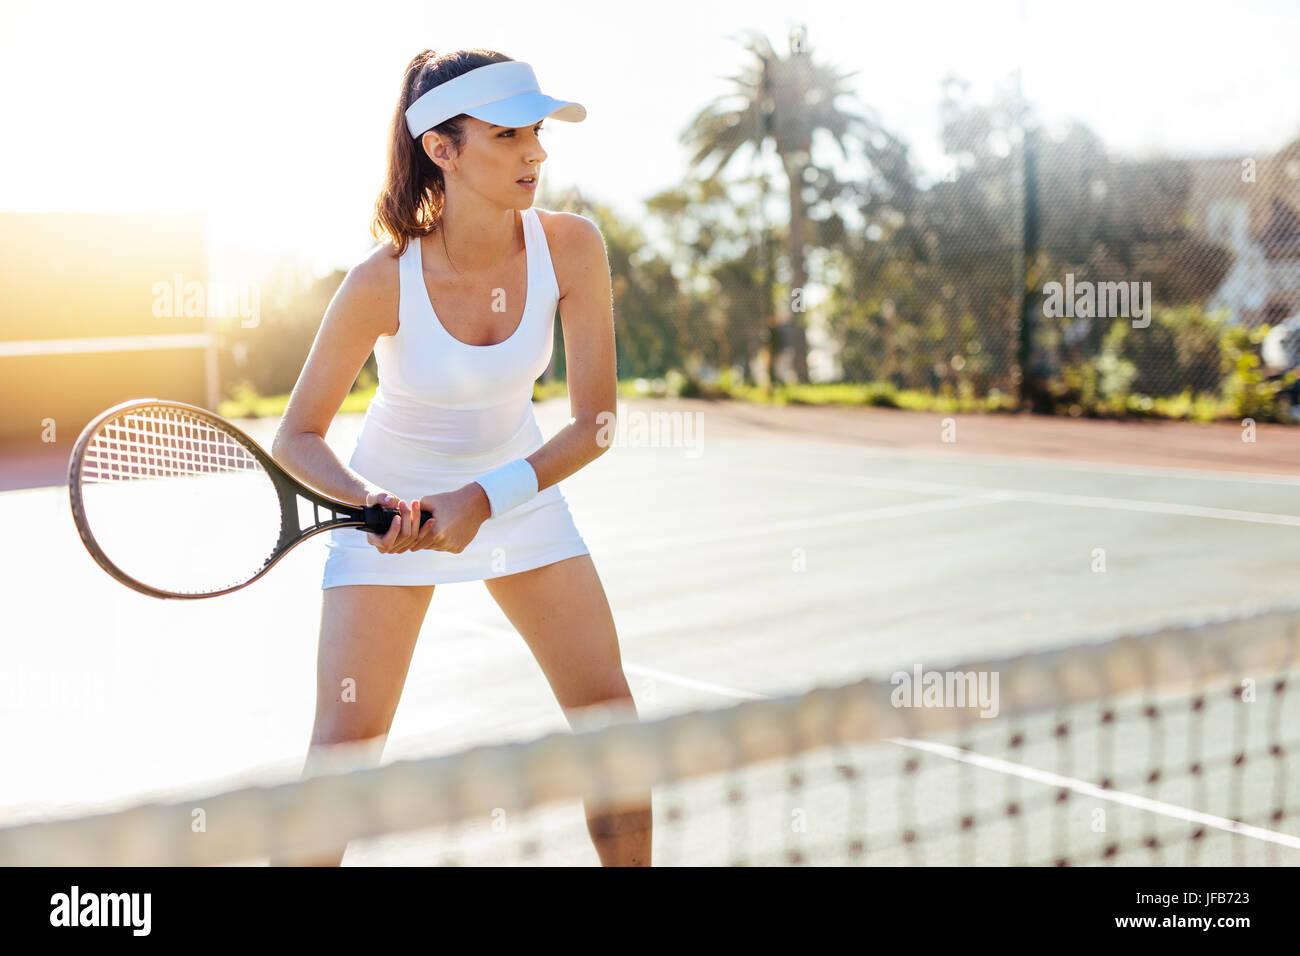 ab8c61a52c Hermosa sportswoman con raqueta en la cancha de tenis. Mujer joven de pie  en una corte al aire libre y jugando un partido de tenis.